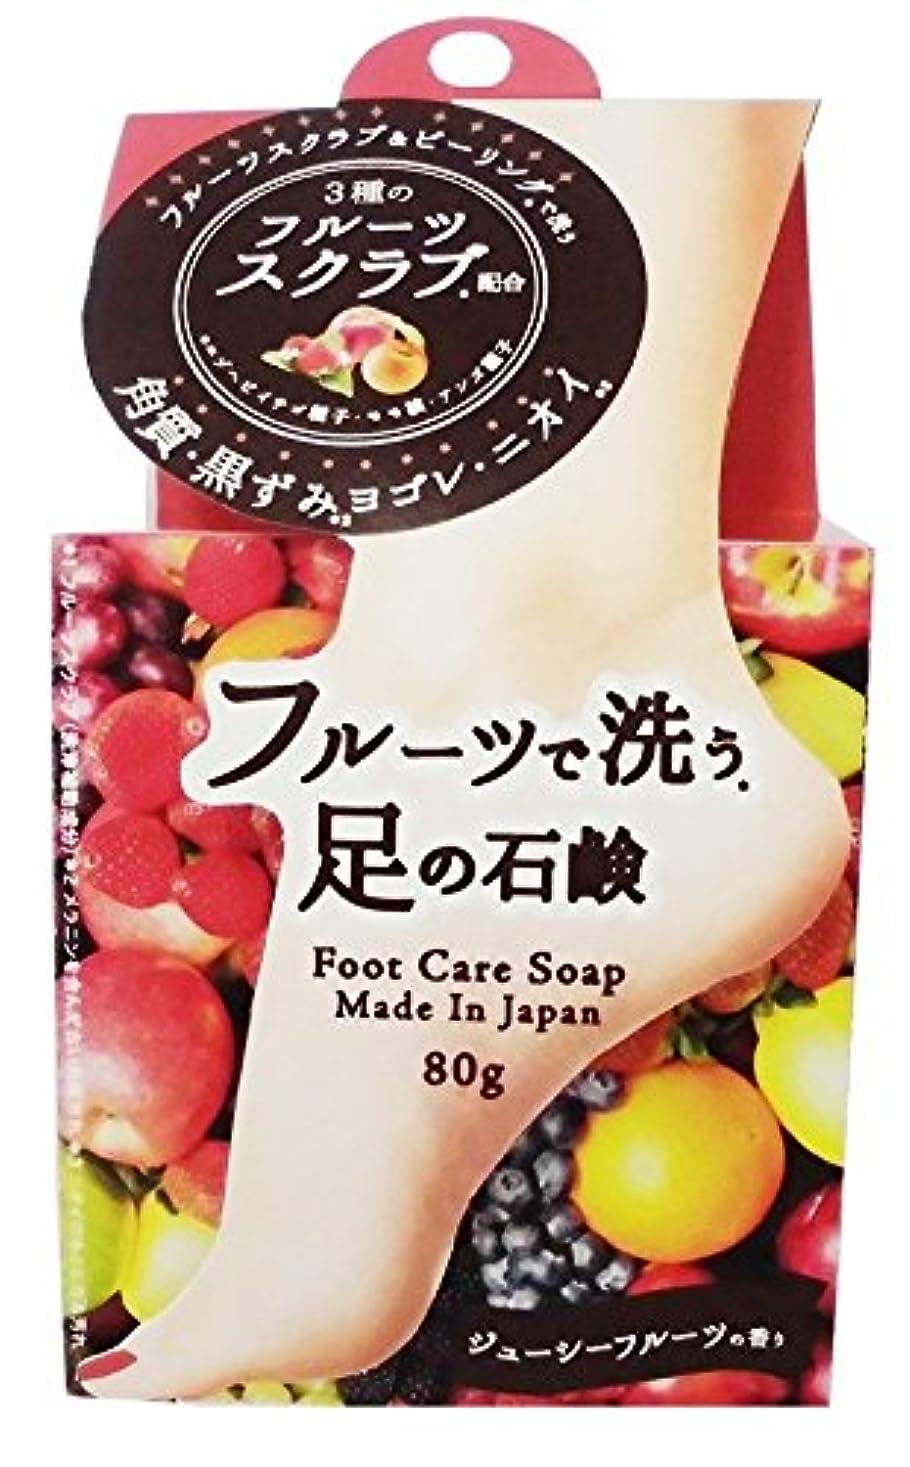 テント姿勢禁止するペリカン石鹸 フルーツで洗う足の石鹸 80g